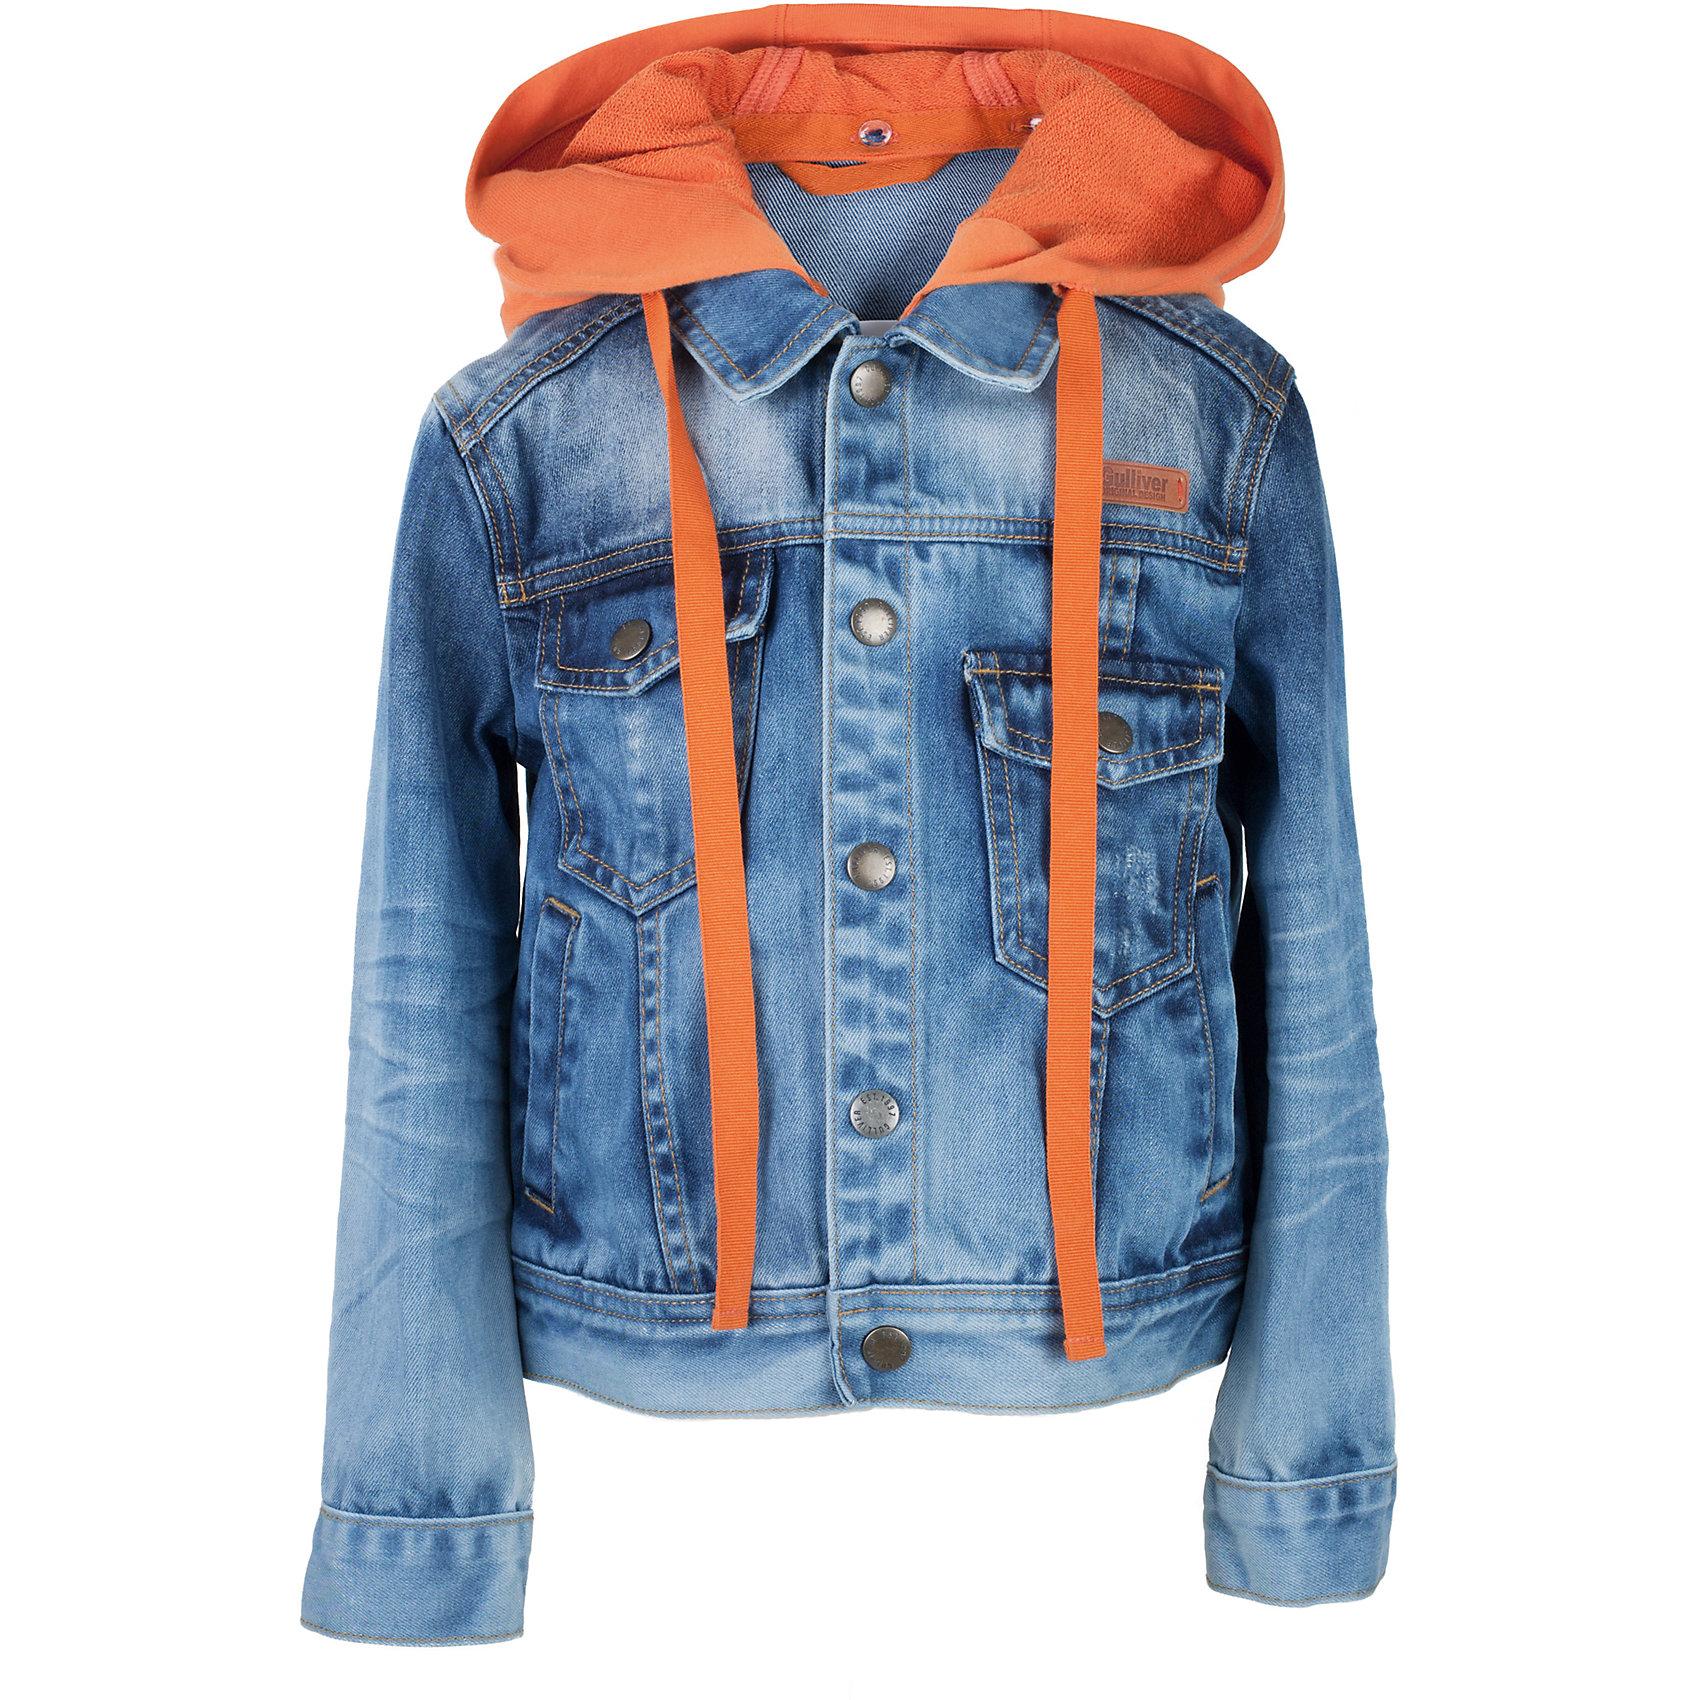 Куртка джинсовая для мальчика GulliverДжинсовая одежда<br>Модная джинсовая куртка для мальчика - изделие на все случаи жизни! Она прекрасно дополнит любой образ в стиле casual, а также станет любимым атрибутом спортивного стиля! Синяя джинсовая куртка с потертостями и эффектной фирменной металлической фурнитурой выполнена из 100% хлопка, что делает ее очень комфортной в носке. Заметным украшением куртки является отстегивающийся капюшон из трикотажного футера. Он придает модели новизну, оригинальность и завершенность.<br>Состав:<br>100% хлопок<br><br>Ширина мм: 356<br>Глубина мм: 10<br>Высота мм: 245<br>Вес г: 519<br>Цвет: синий<br>Возраст от месяцев: 84<br>Возраст до месяцев: 96<br>Пол: Мужской<br>Возраст: Детский<br>Размер: 128,140,122,134<br>SKU: 5482822